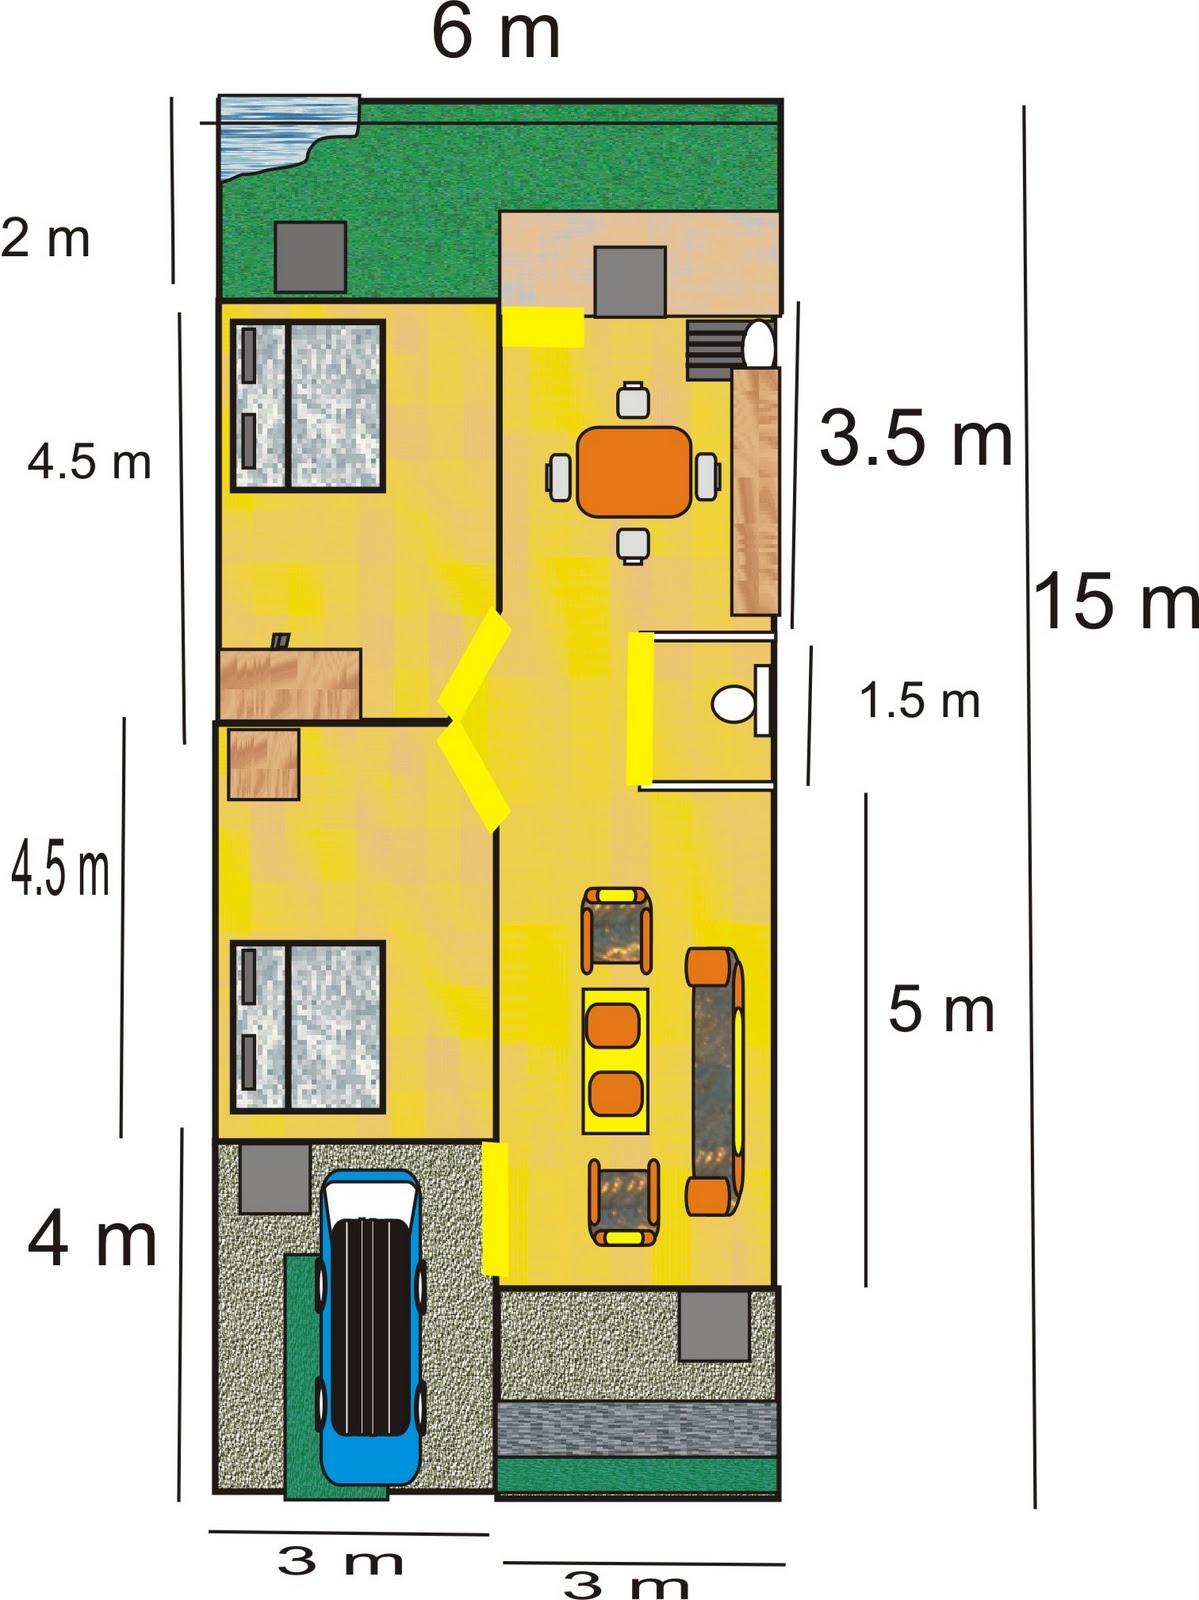 Gambar Denah Pondasi Rumah Dan Ruang Usaha Ruko Rukan Denah Dan Desain ...